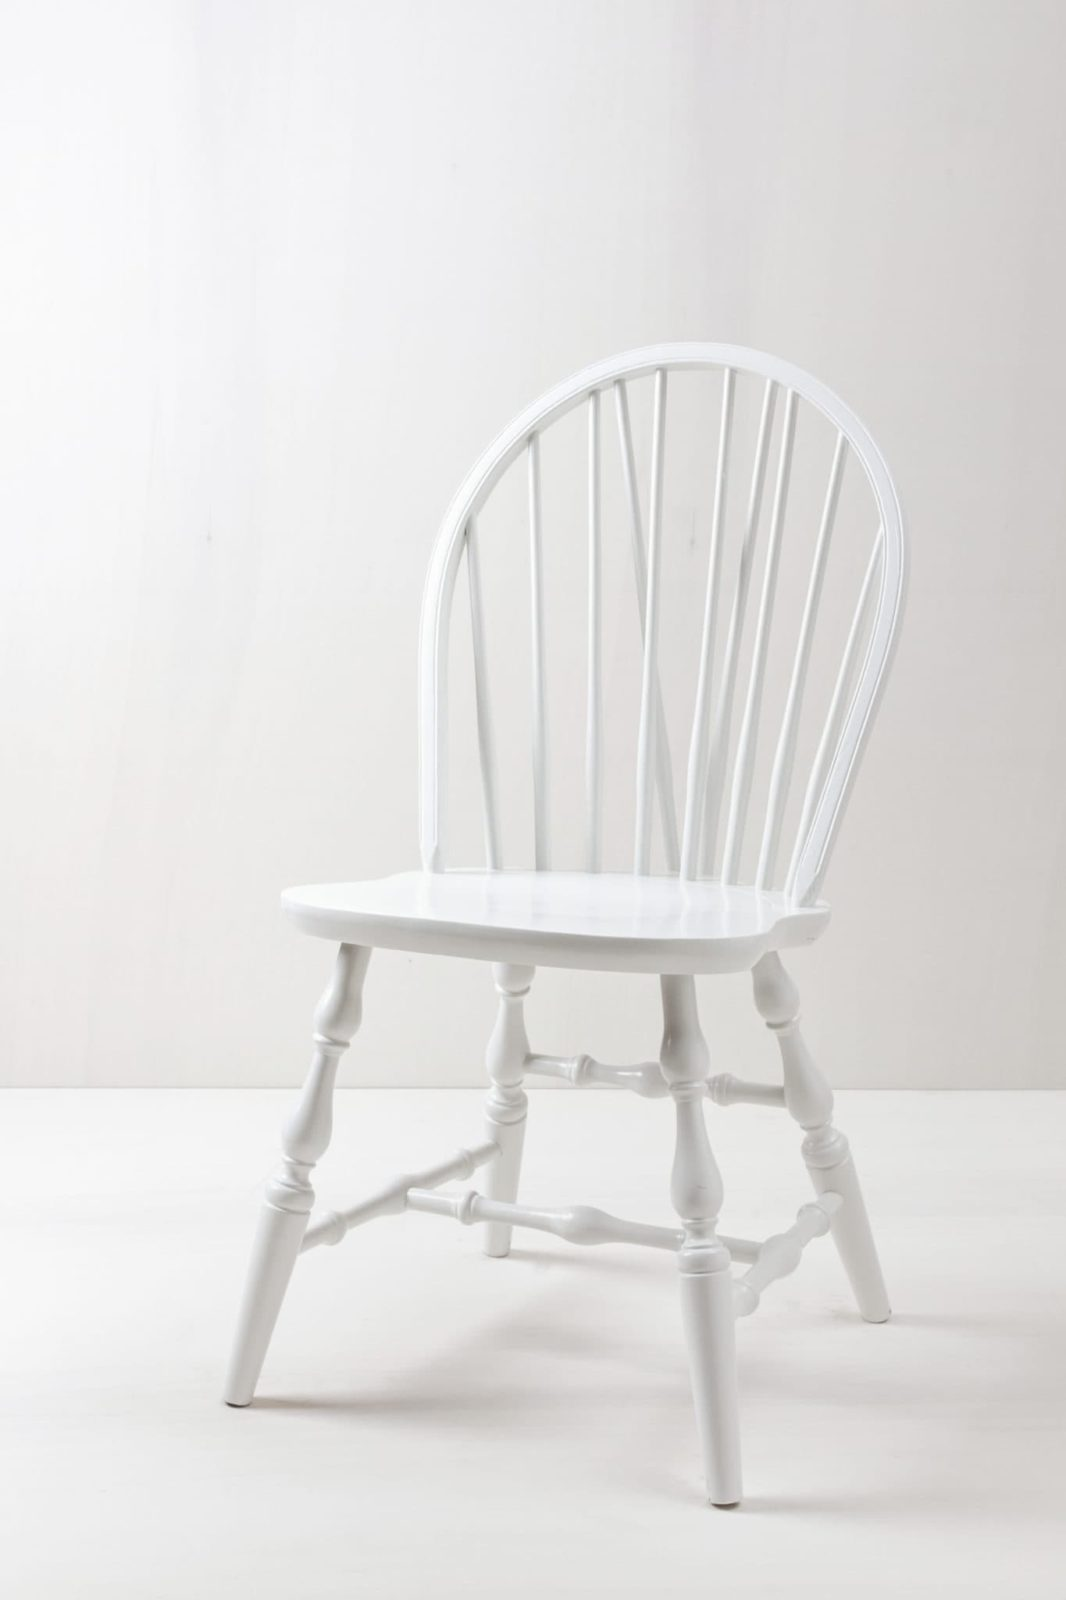 Windsor Stuhl Lorena | Weiß lackierter Bauernstuhl, Windsor-Stil. Rund geformte Lehne. Sieht sehr schön und weiblich aus. | gotvintage Rental & Event Design